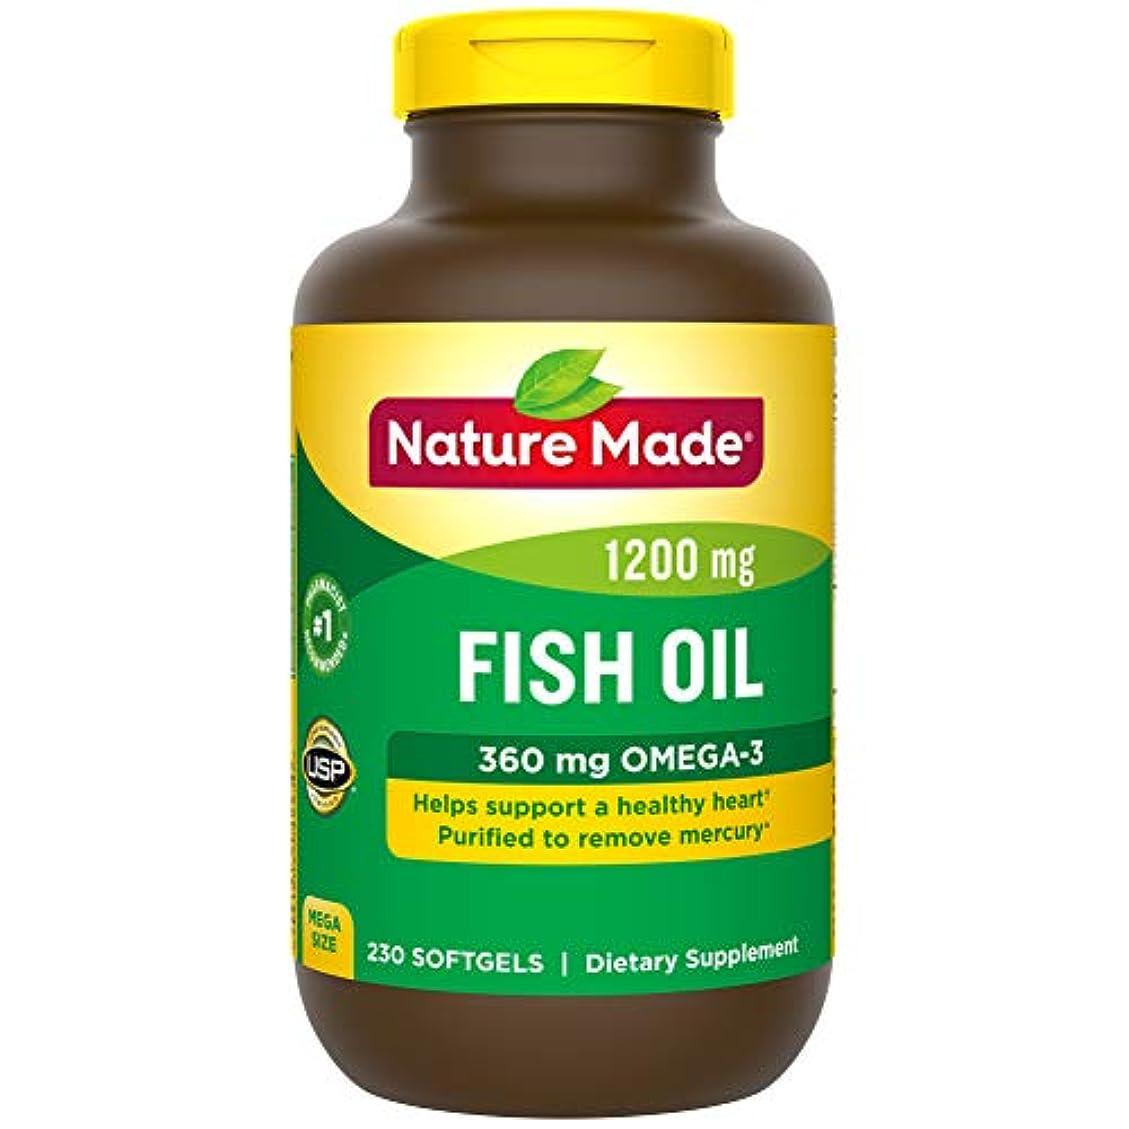 驚くばかり刈り取るひどいネイチャーメイド Nature Made フィッシュオイル オメガ3 サプリメント ソフトジェル 230粒 [並行輸入]